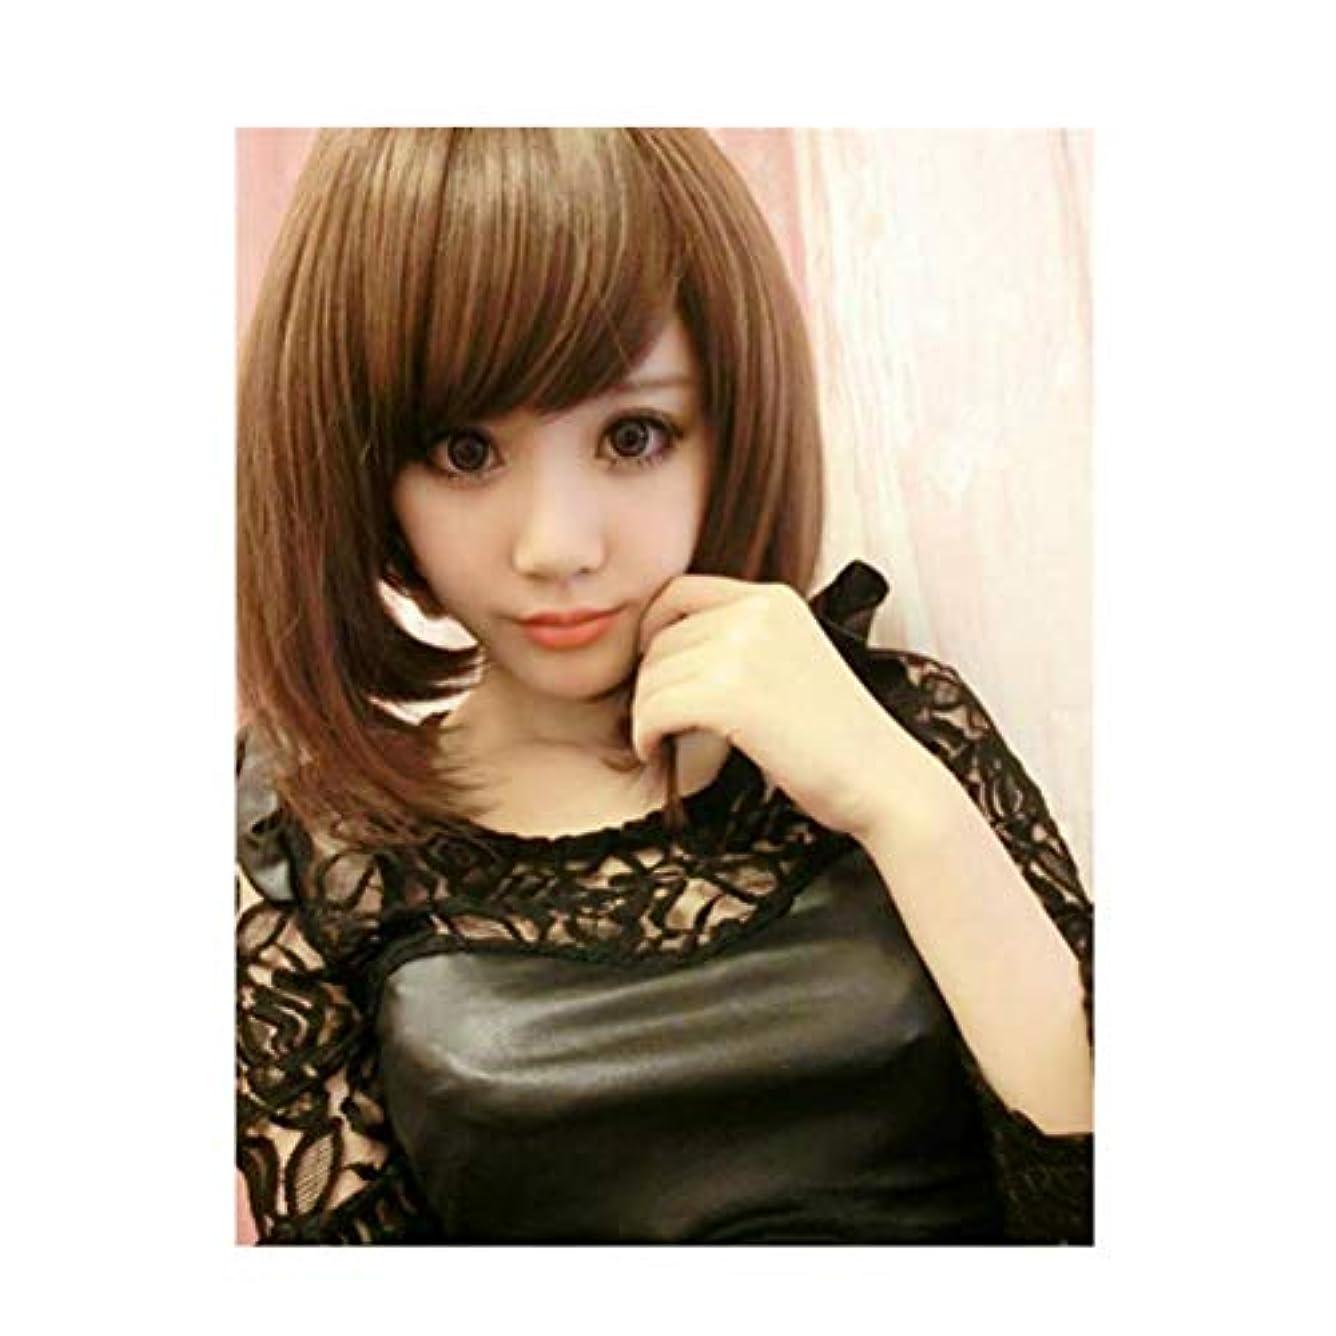 国民時折魅力かつら女性の茶色の斜め前髪化学繊維ショートヘア高温ワイヤーLH2201 (ライトブラウン)